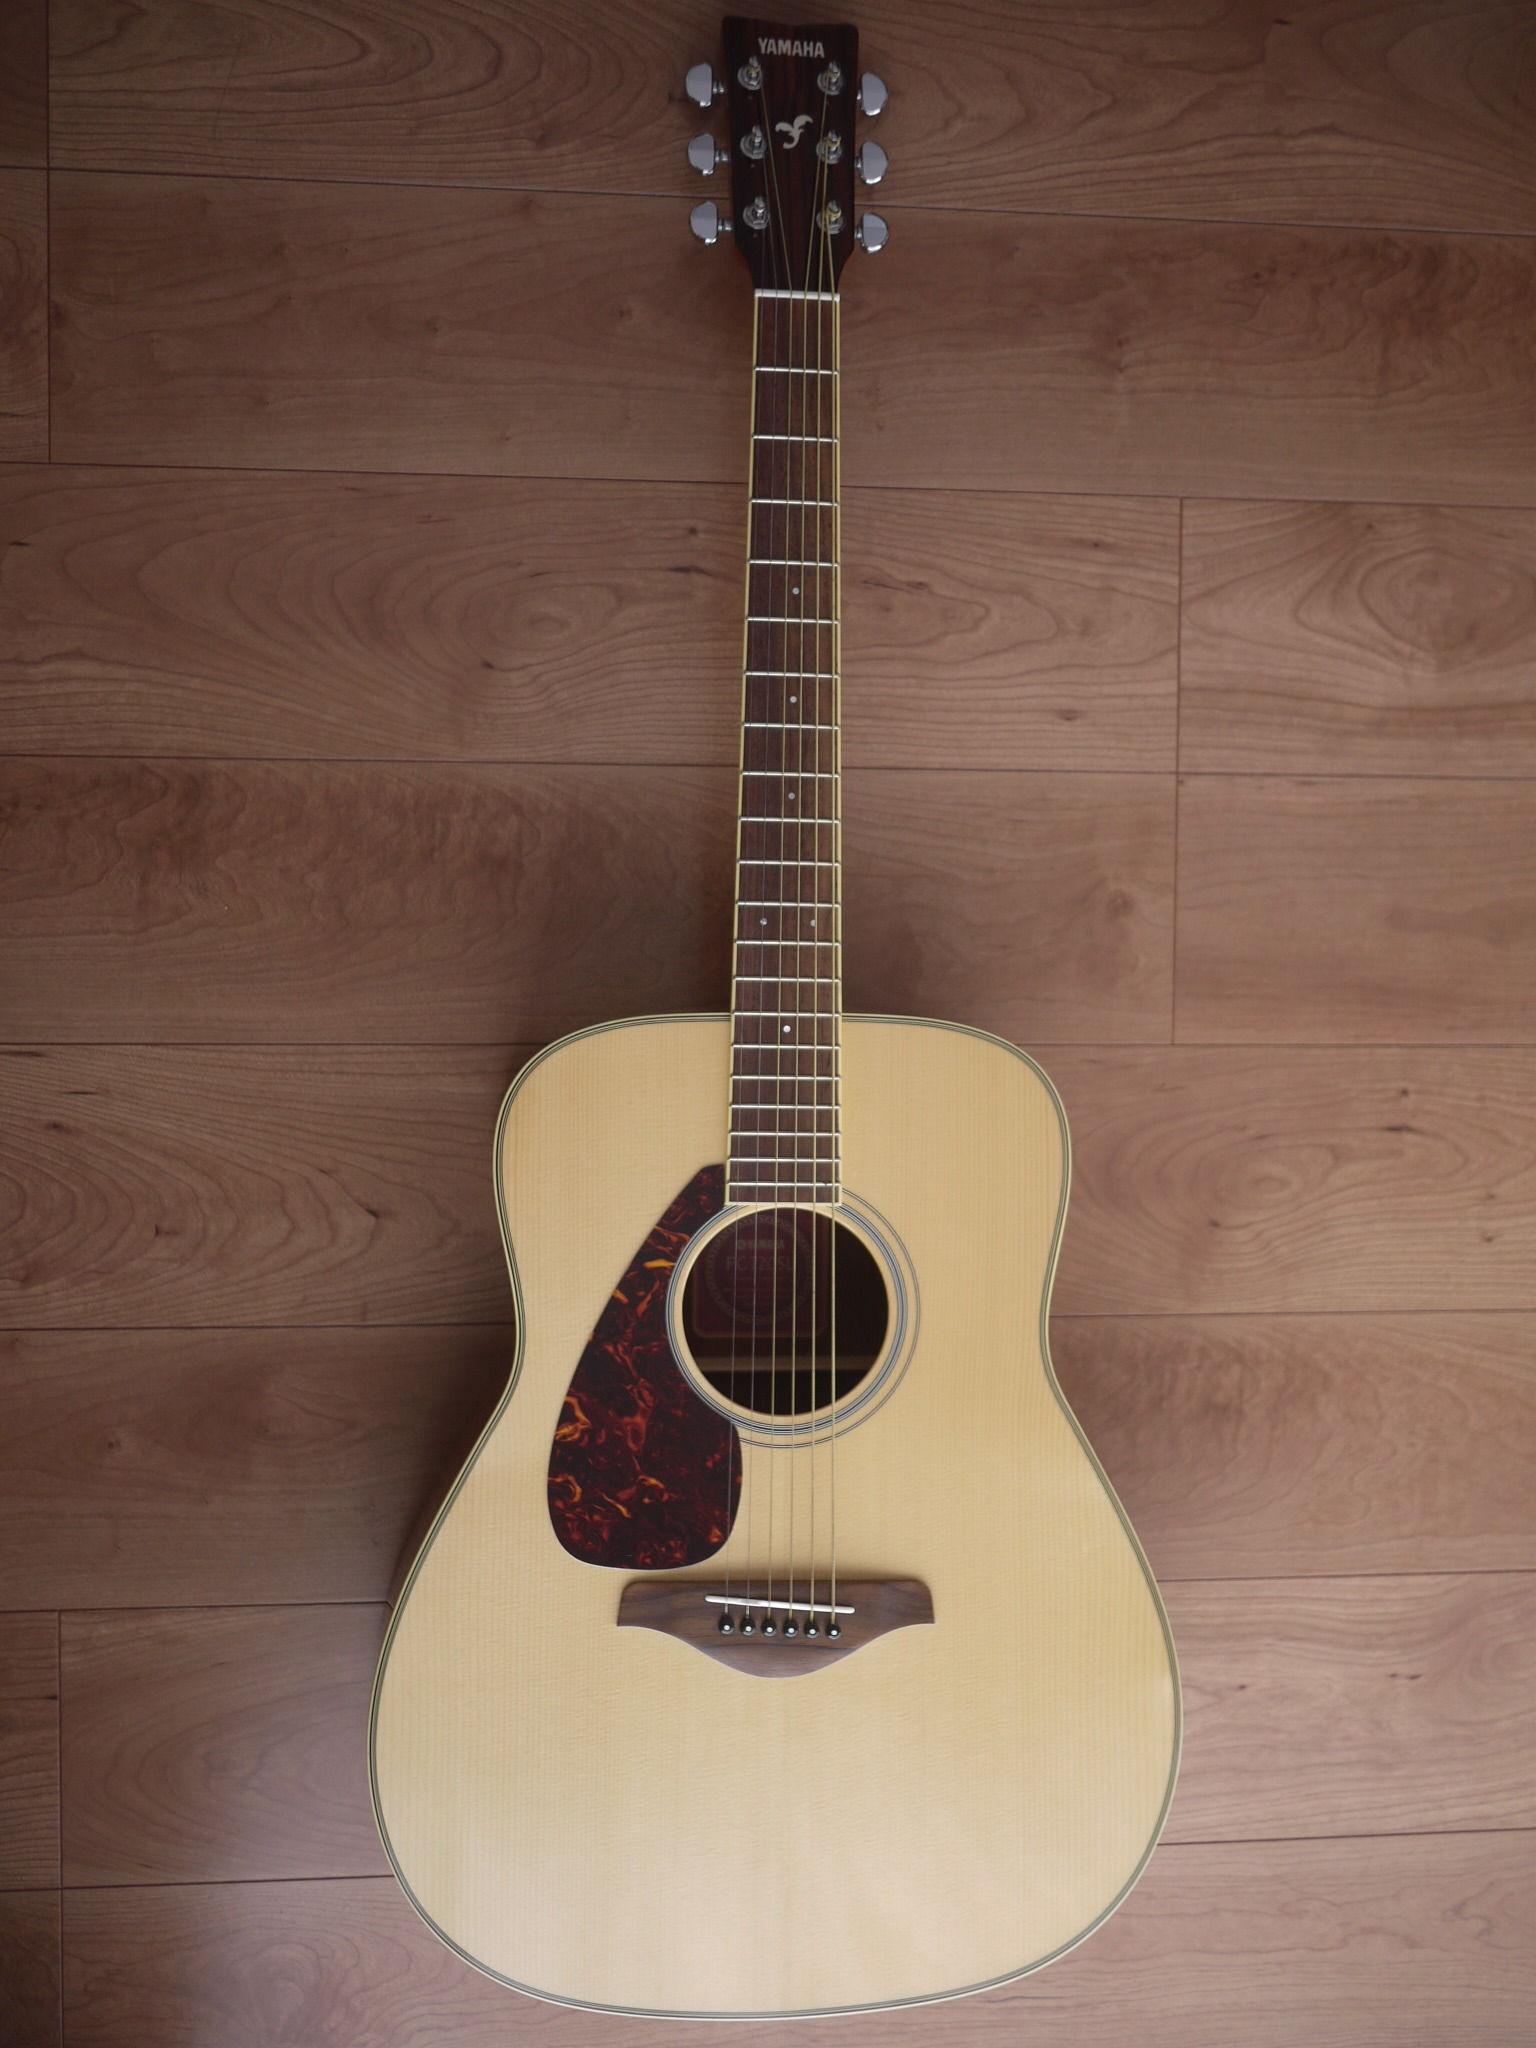 YAMAHA FG720SL ヤマハ レフティ アコースティックギター